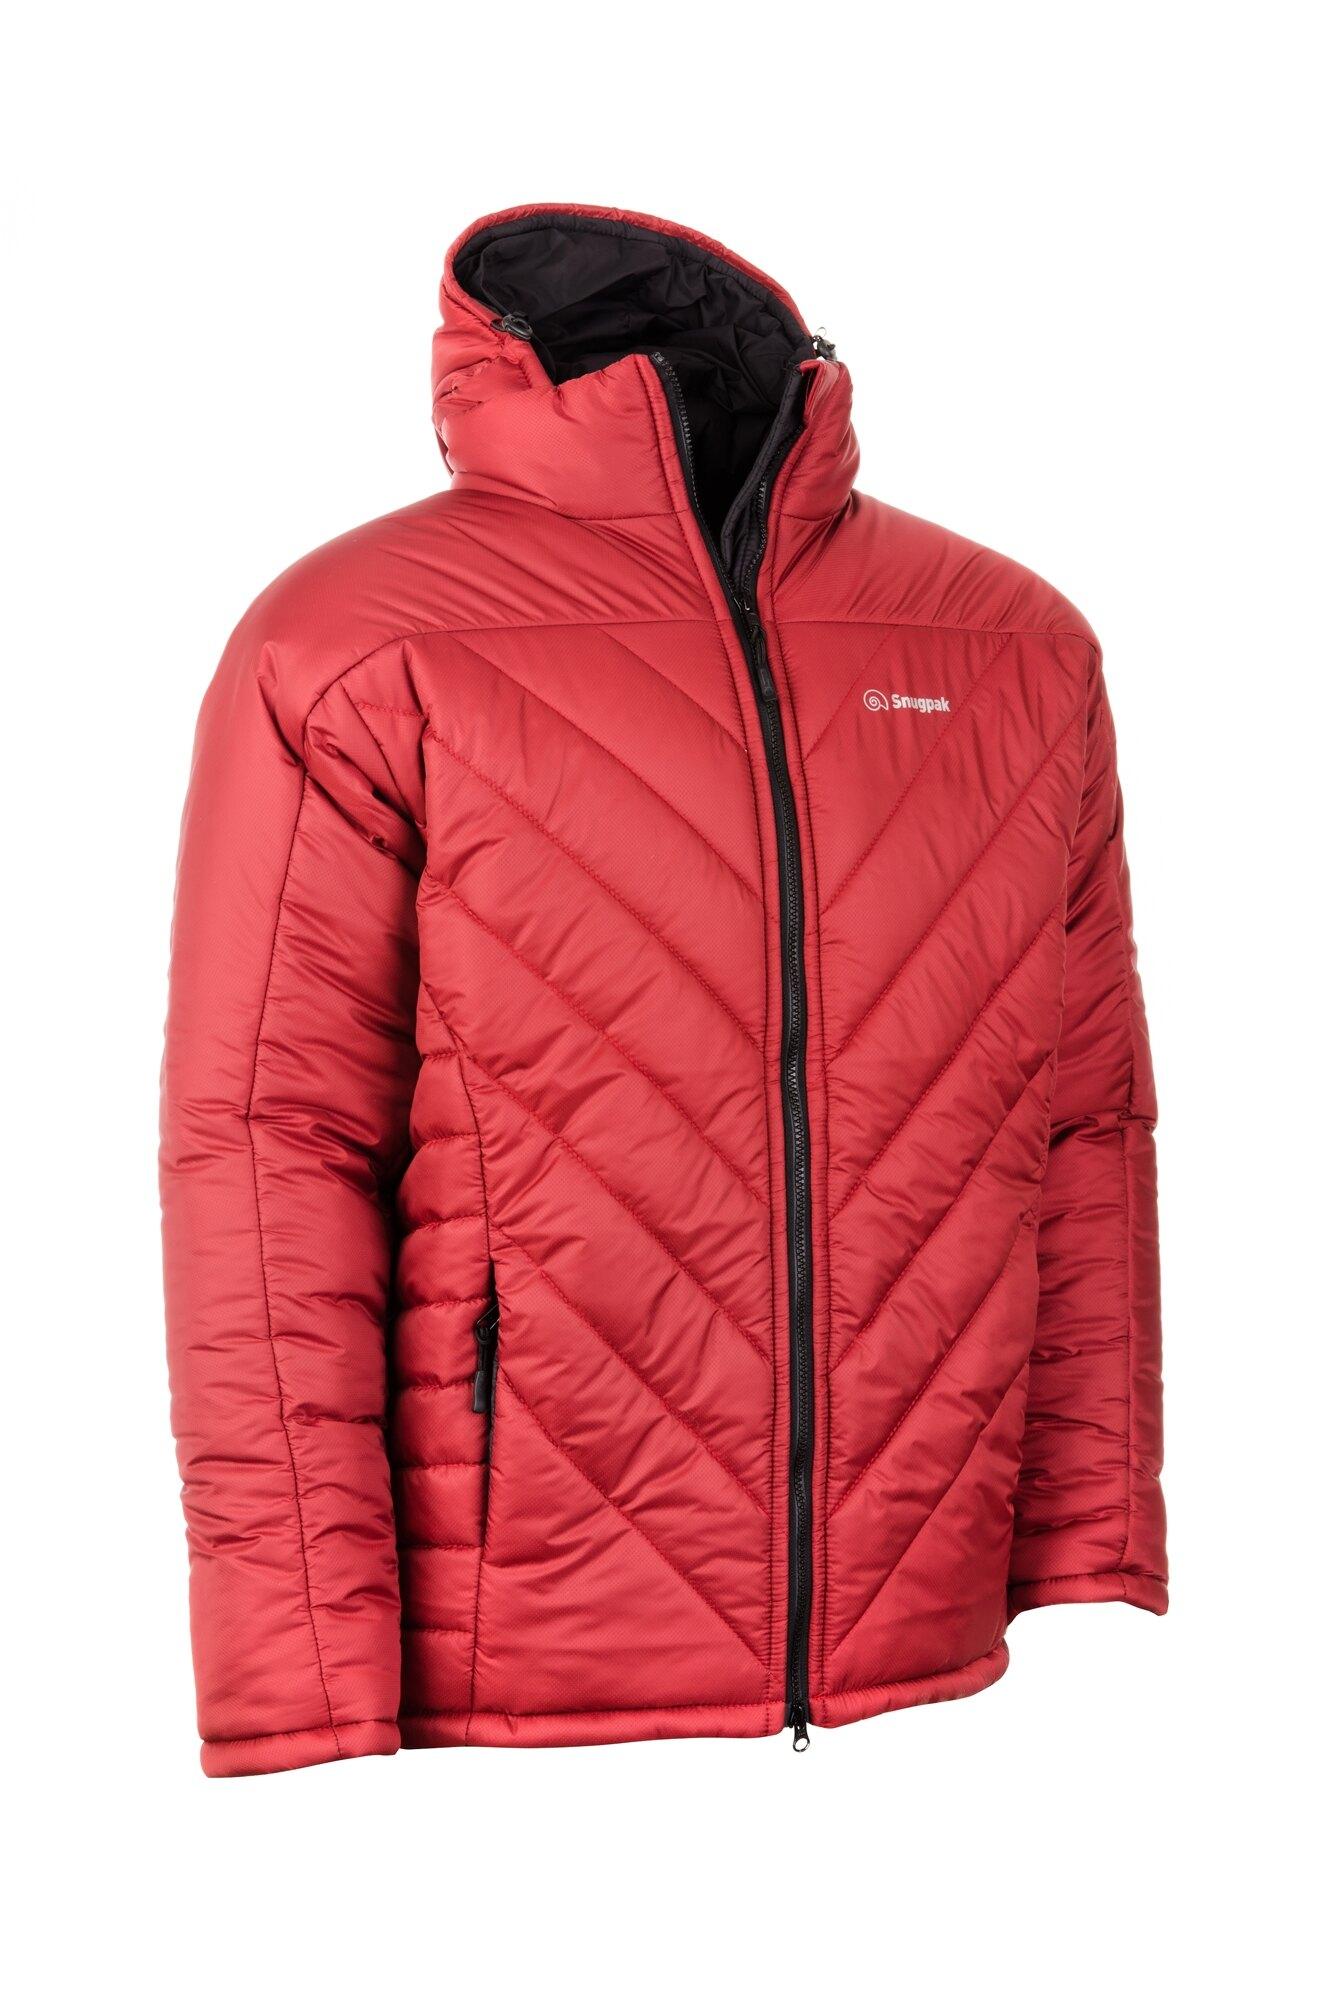 Bunda Insulated SJ12 Snugpak® – Červená (Farba: Červená, Veľkosť: XXL)